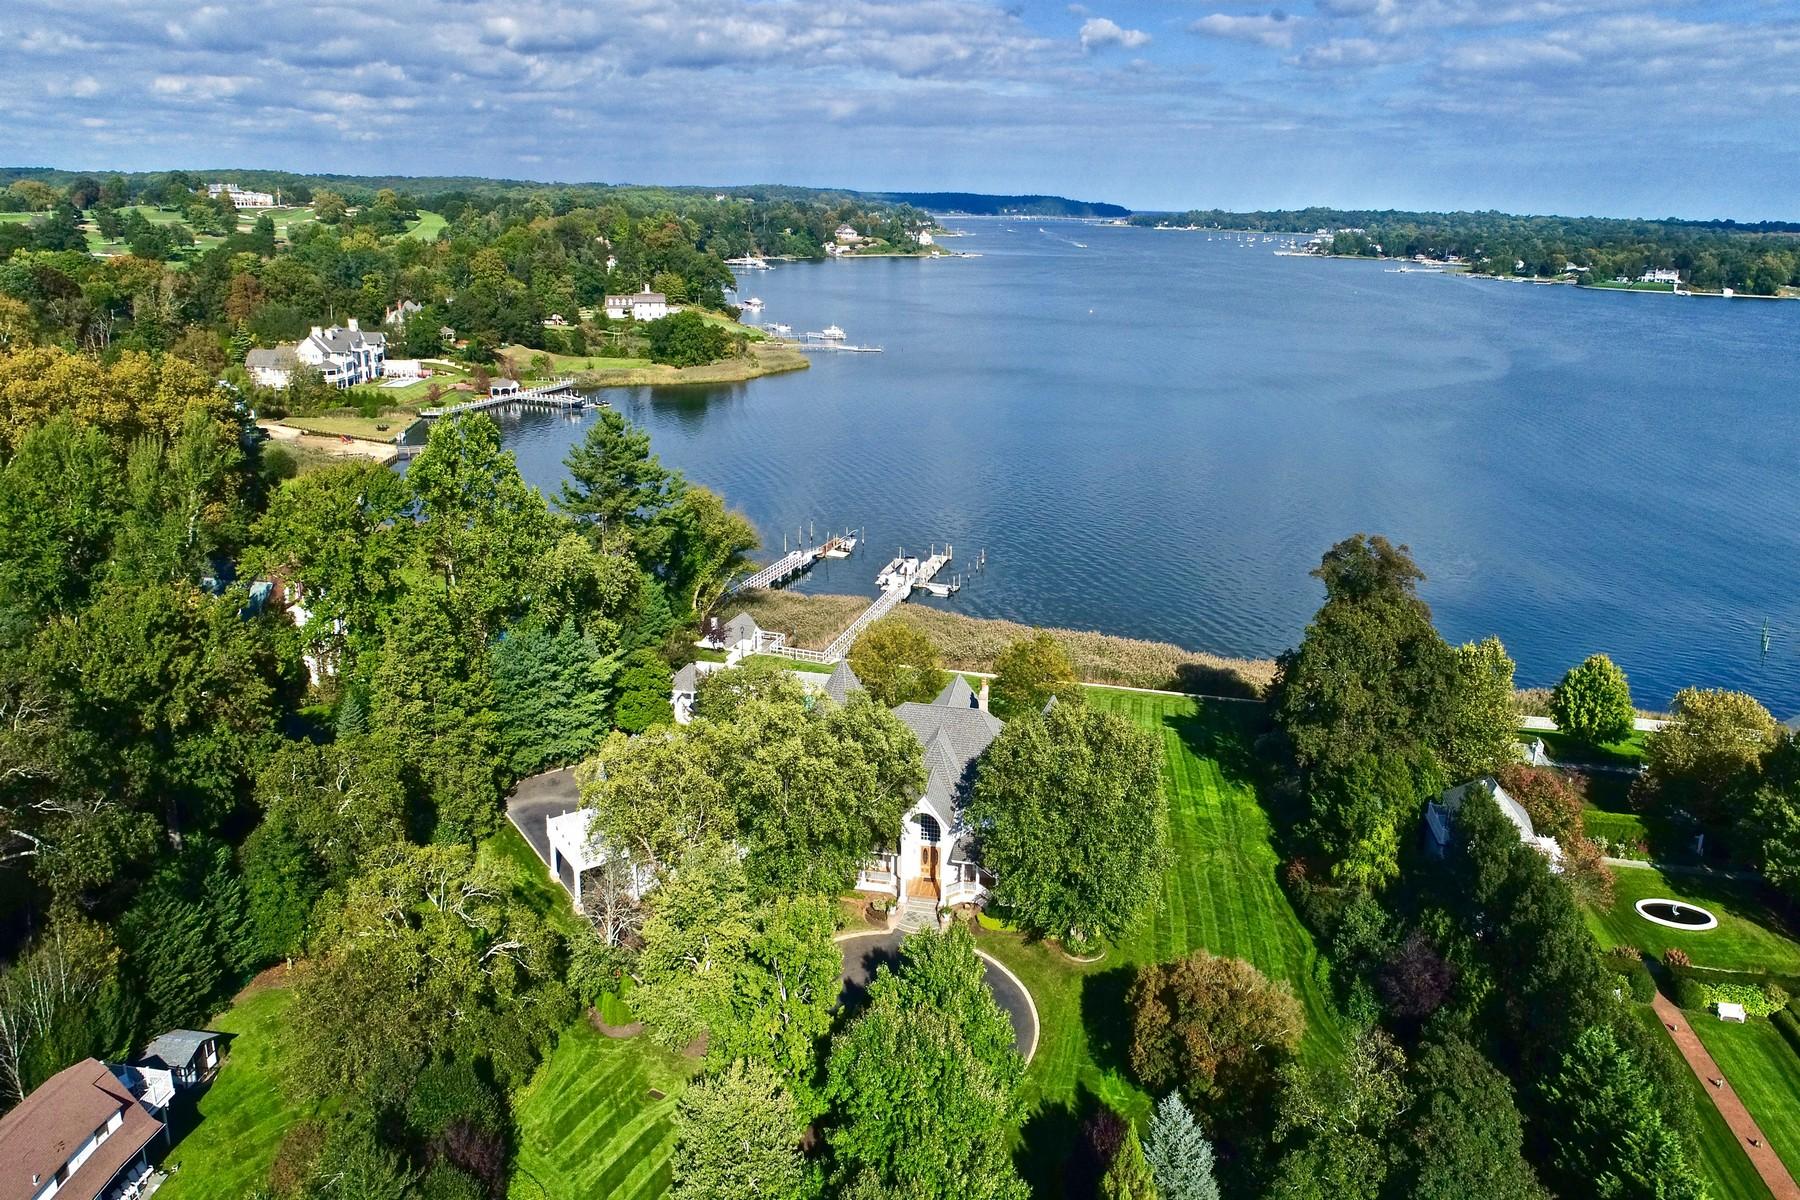 단독 가정 주택 용 매매 에 Stately Victorian Waterfront Estate 23 Blossom Cove Rd. Middletown, 뉴저지 07748 미국